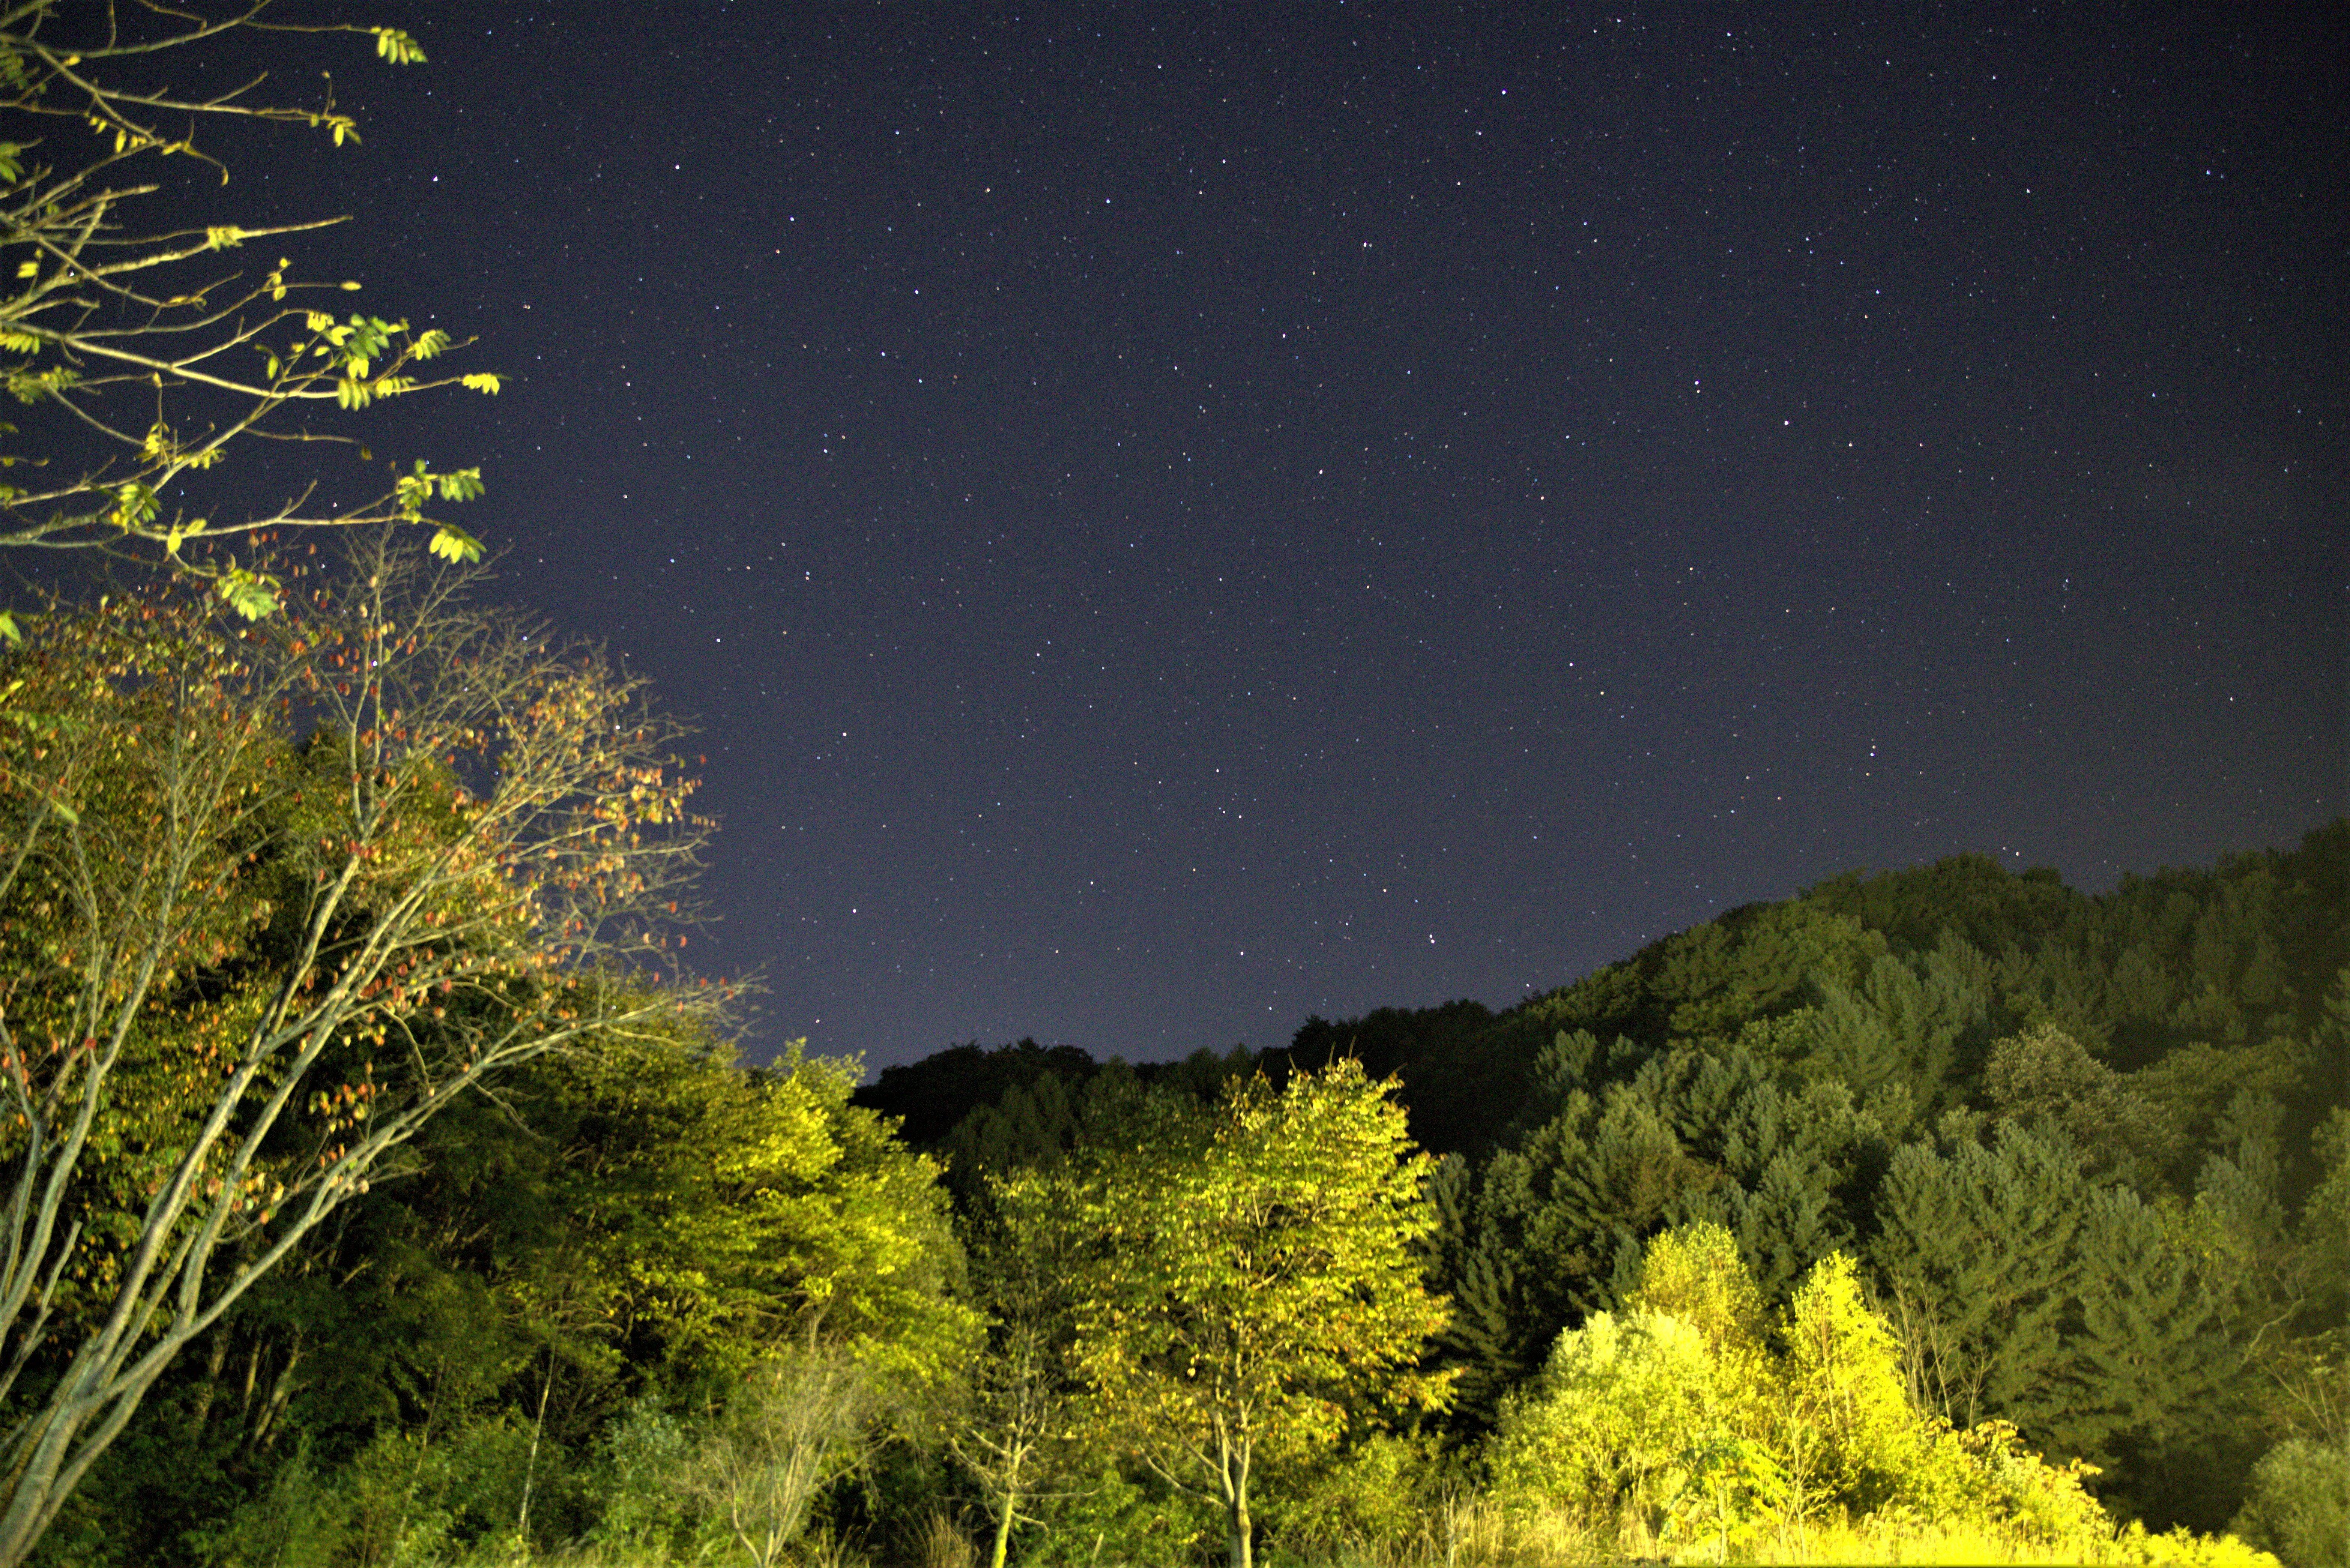 별이  쏟아지는 밤